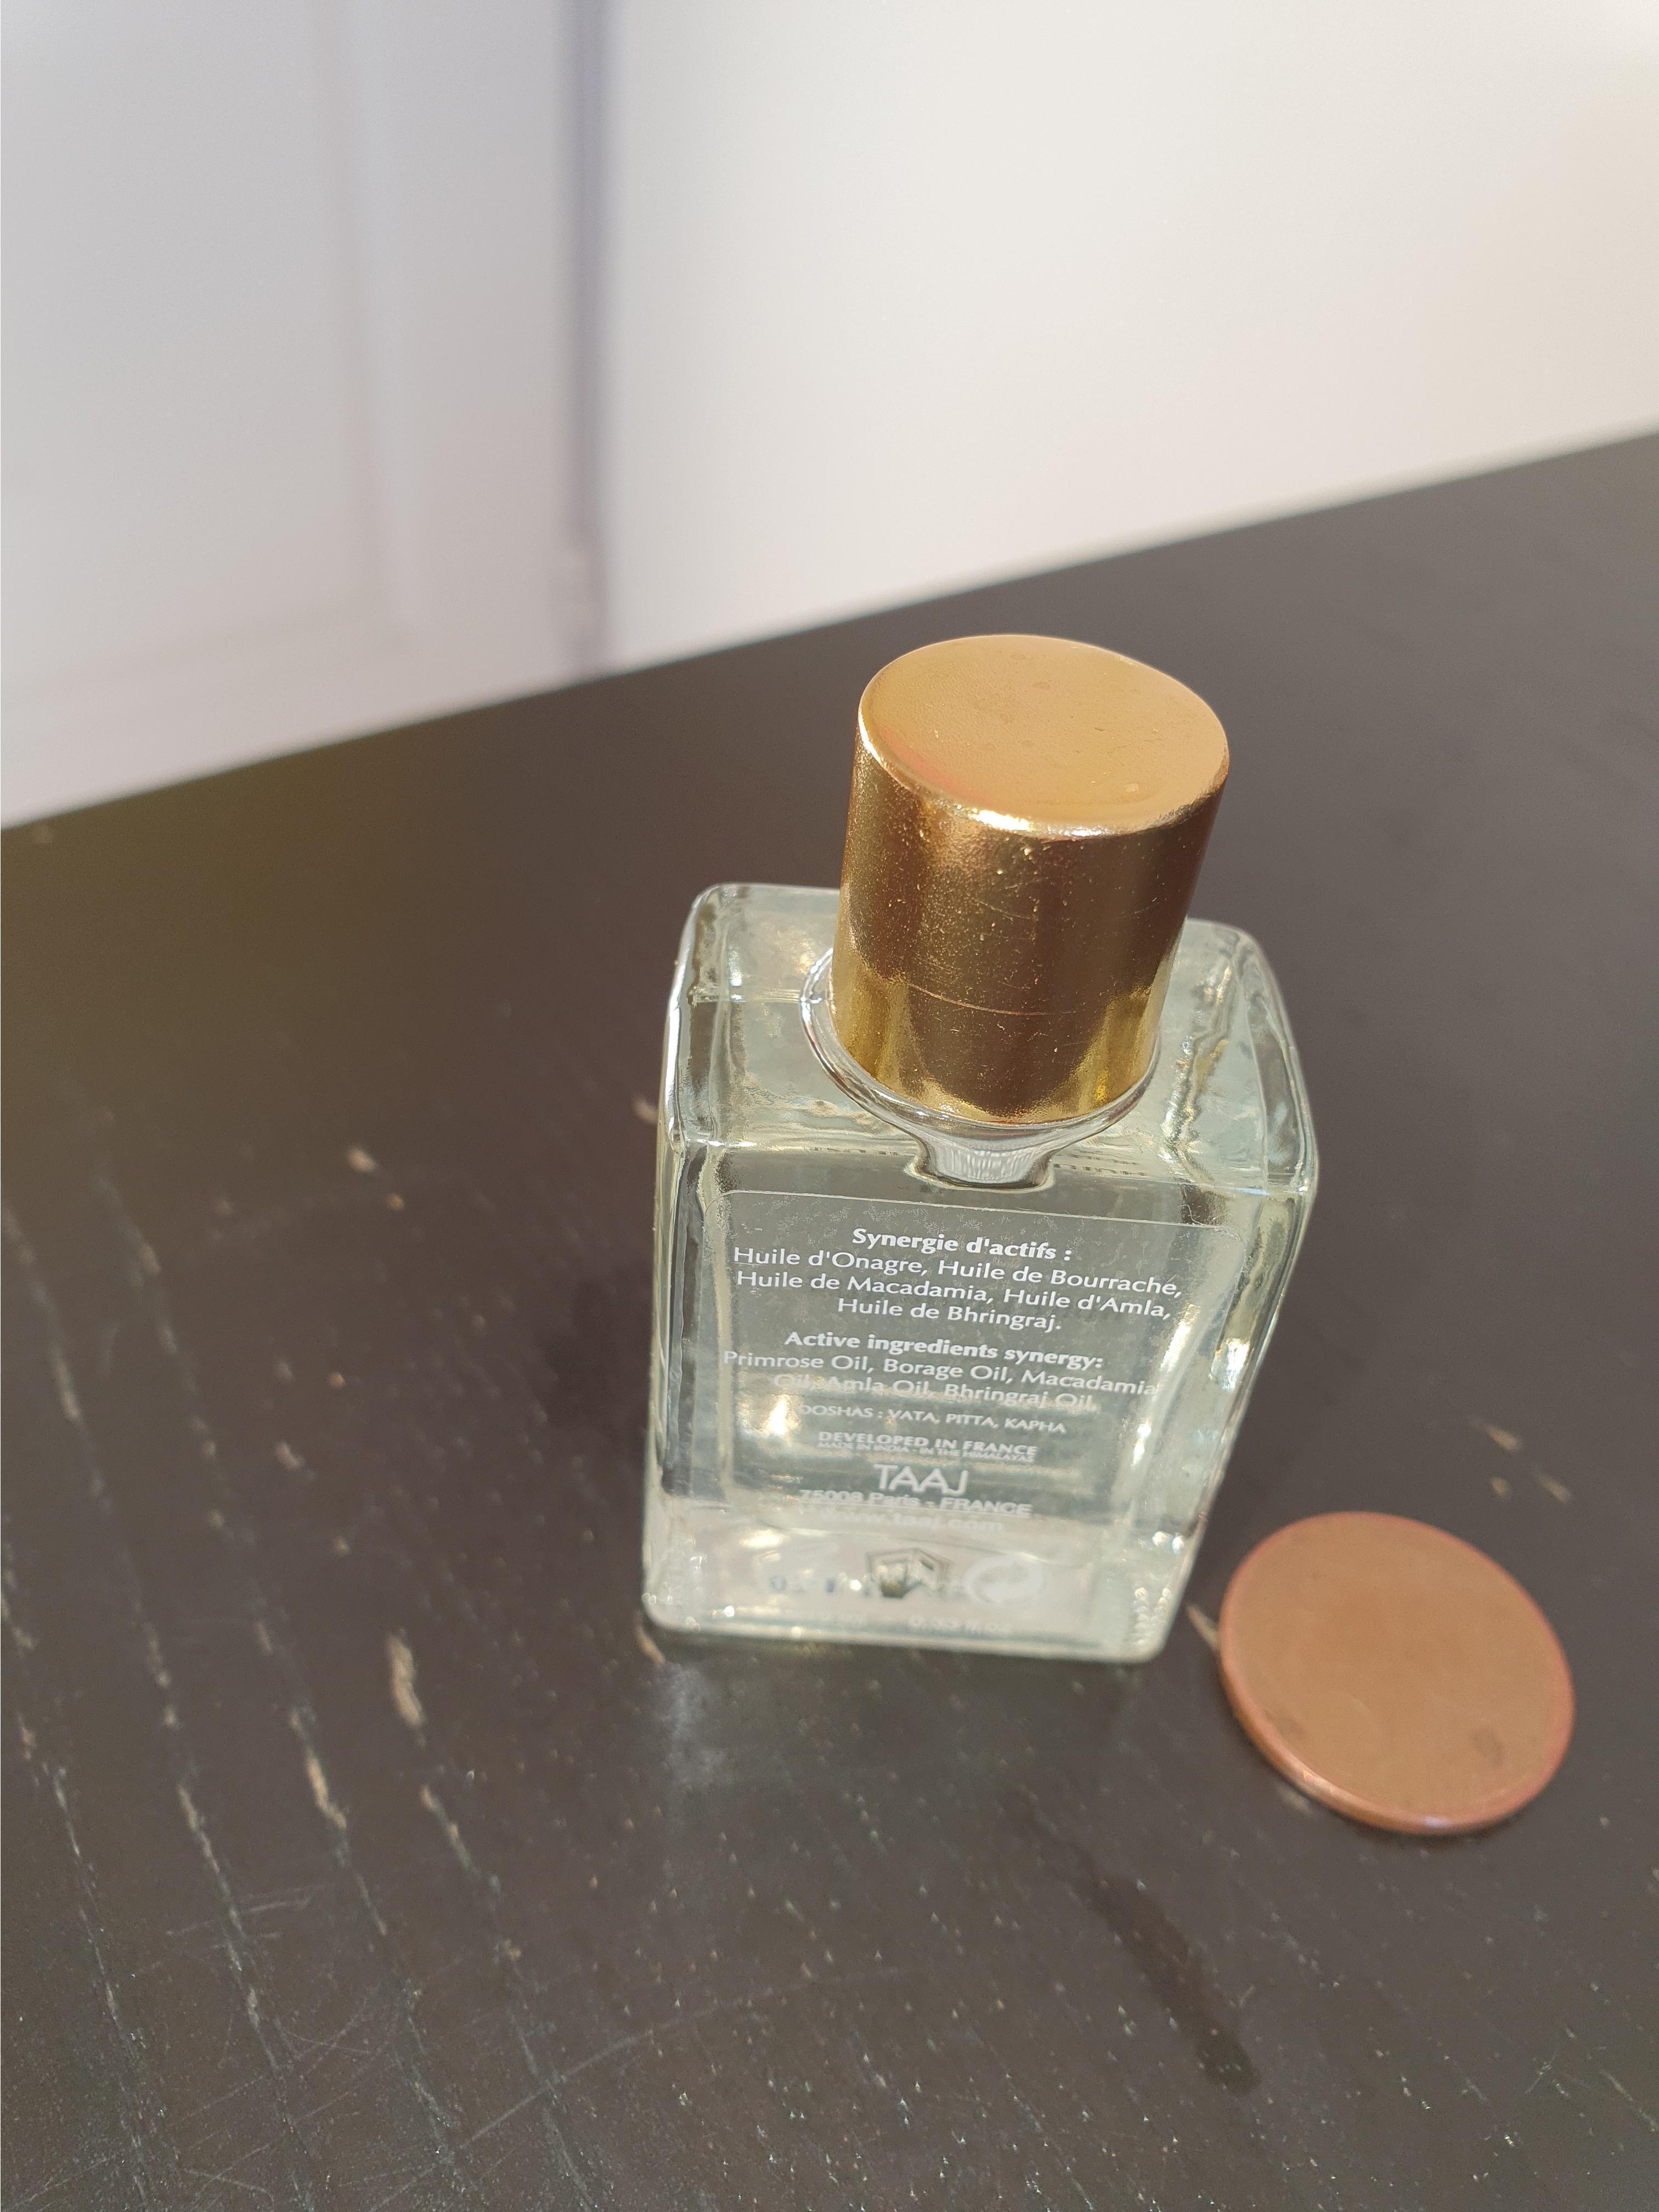 troc de troc petite bouteille d'huile délicieuse taaj image 1